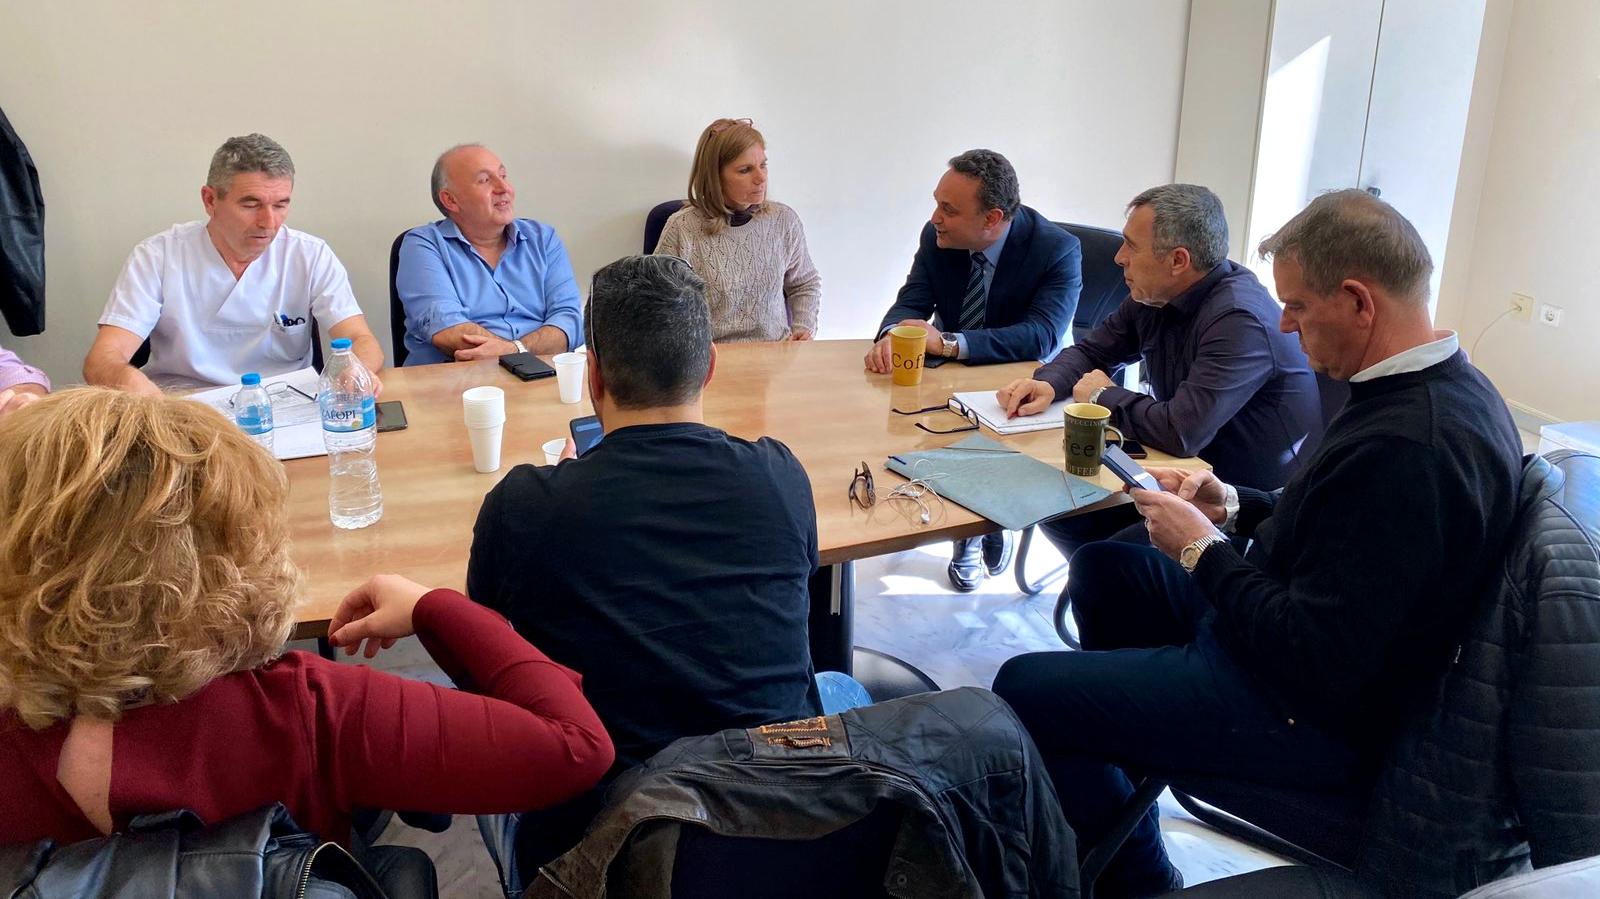 Συνάντηση Κελέτση με διοίκηση και εργαζόμενους του Νοσοκομείου Αλεξανδρούπολης